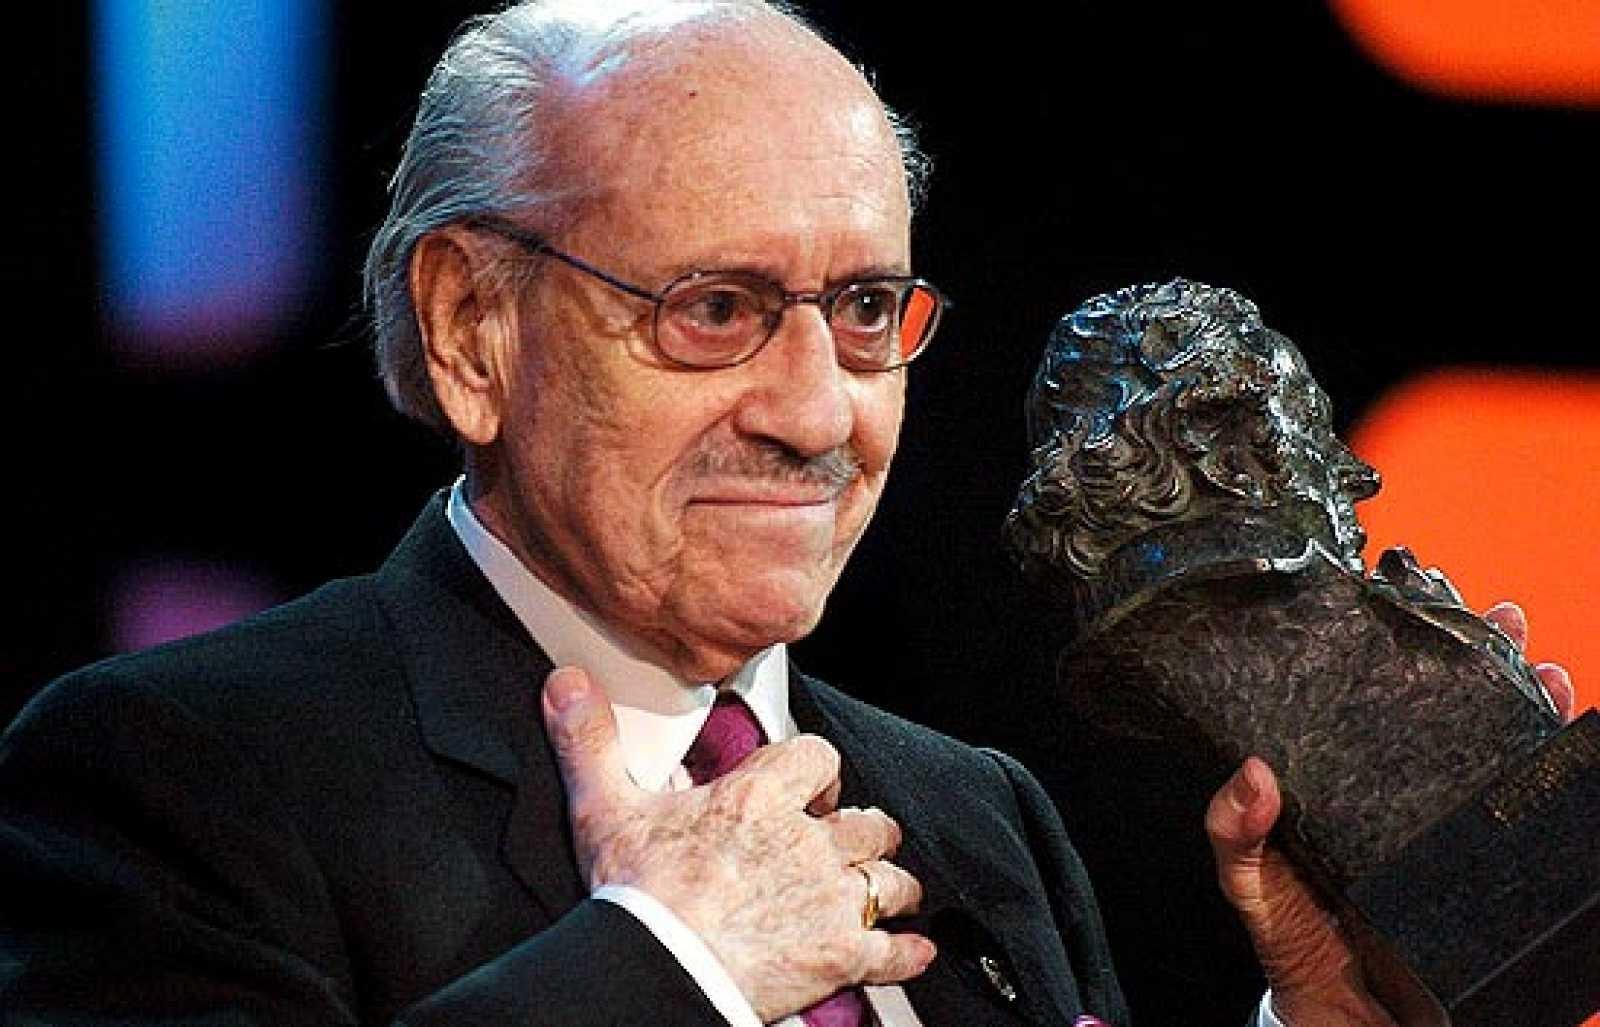 El cine español rindió tributo a José Luis López Vázquez con la entrega del Goya de Honor en 2004, un premio a la brillante carrera de uno de los actores más destacados del cine español de todos los tiempos.